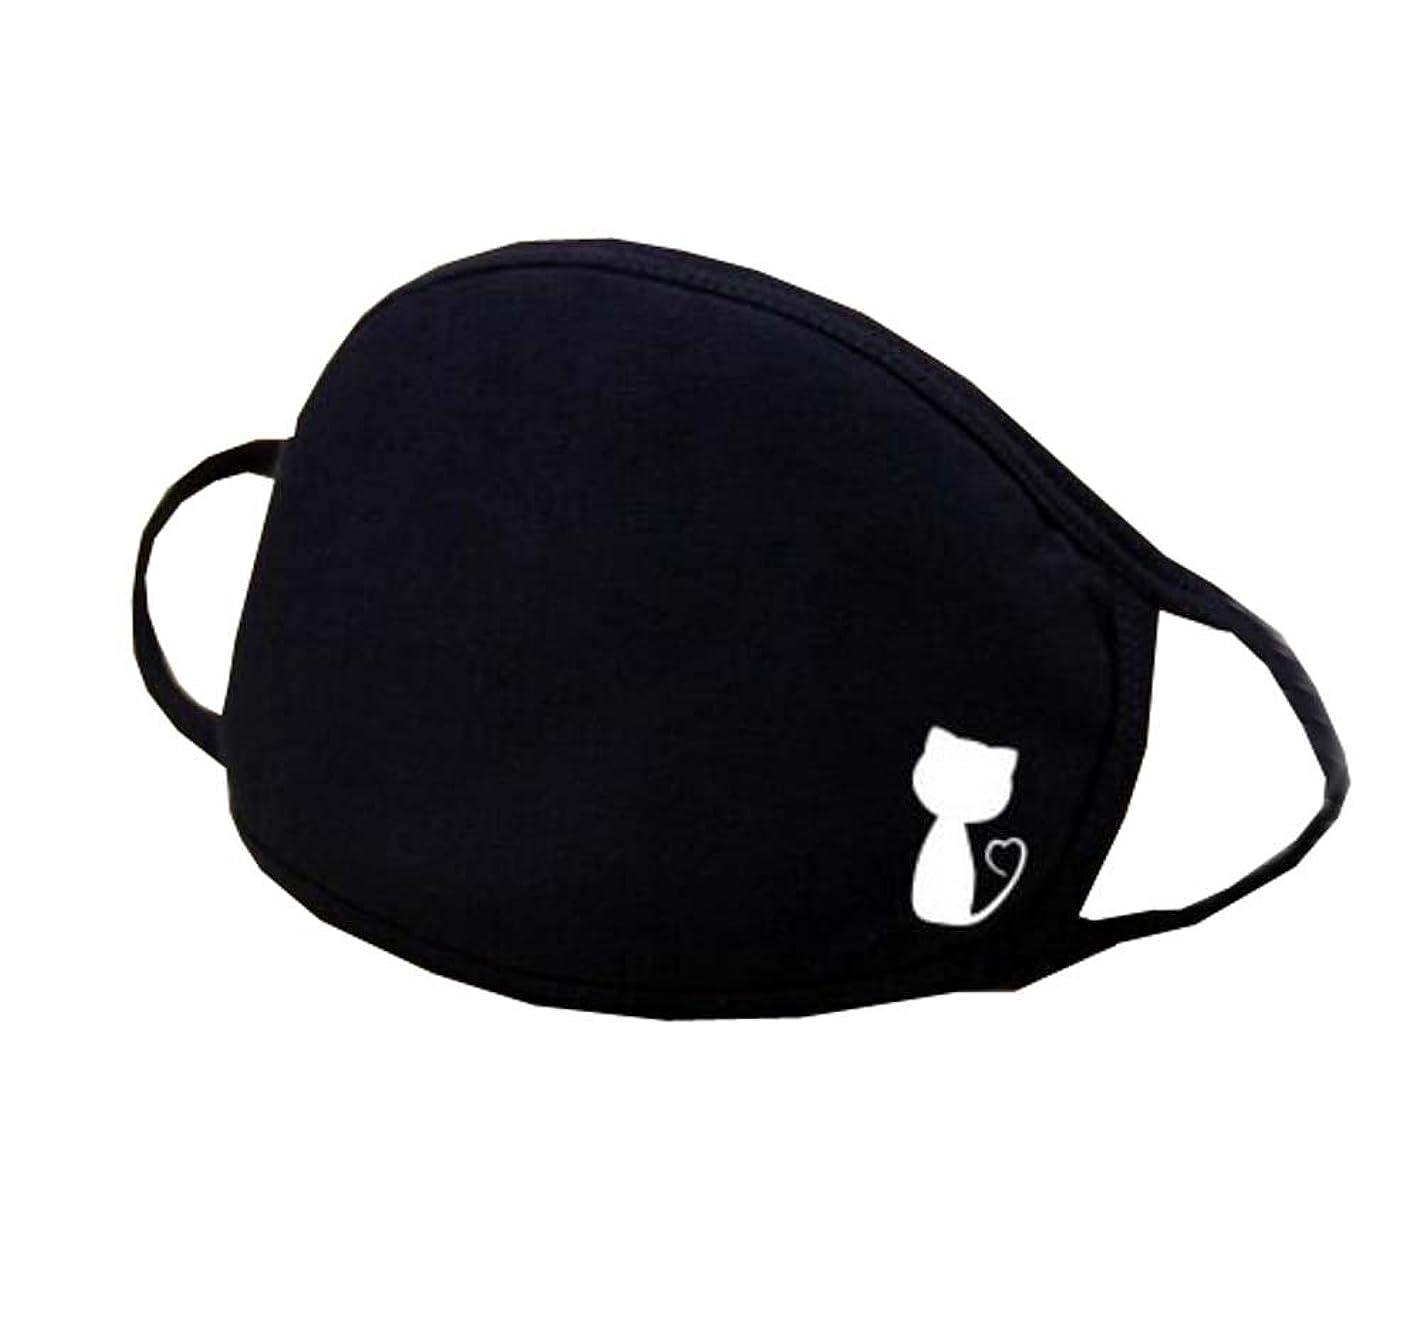 そこノート発揮する口腔マスク、ユニセックスマスク男性用/女性用アンチダストコットンフェイスマスク(2個)、A8